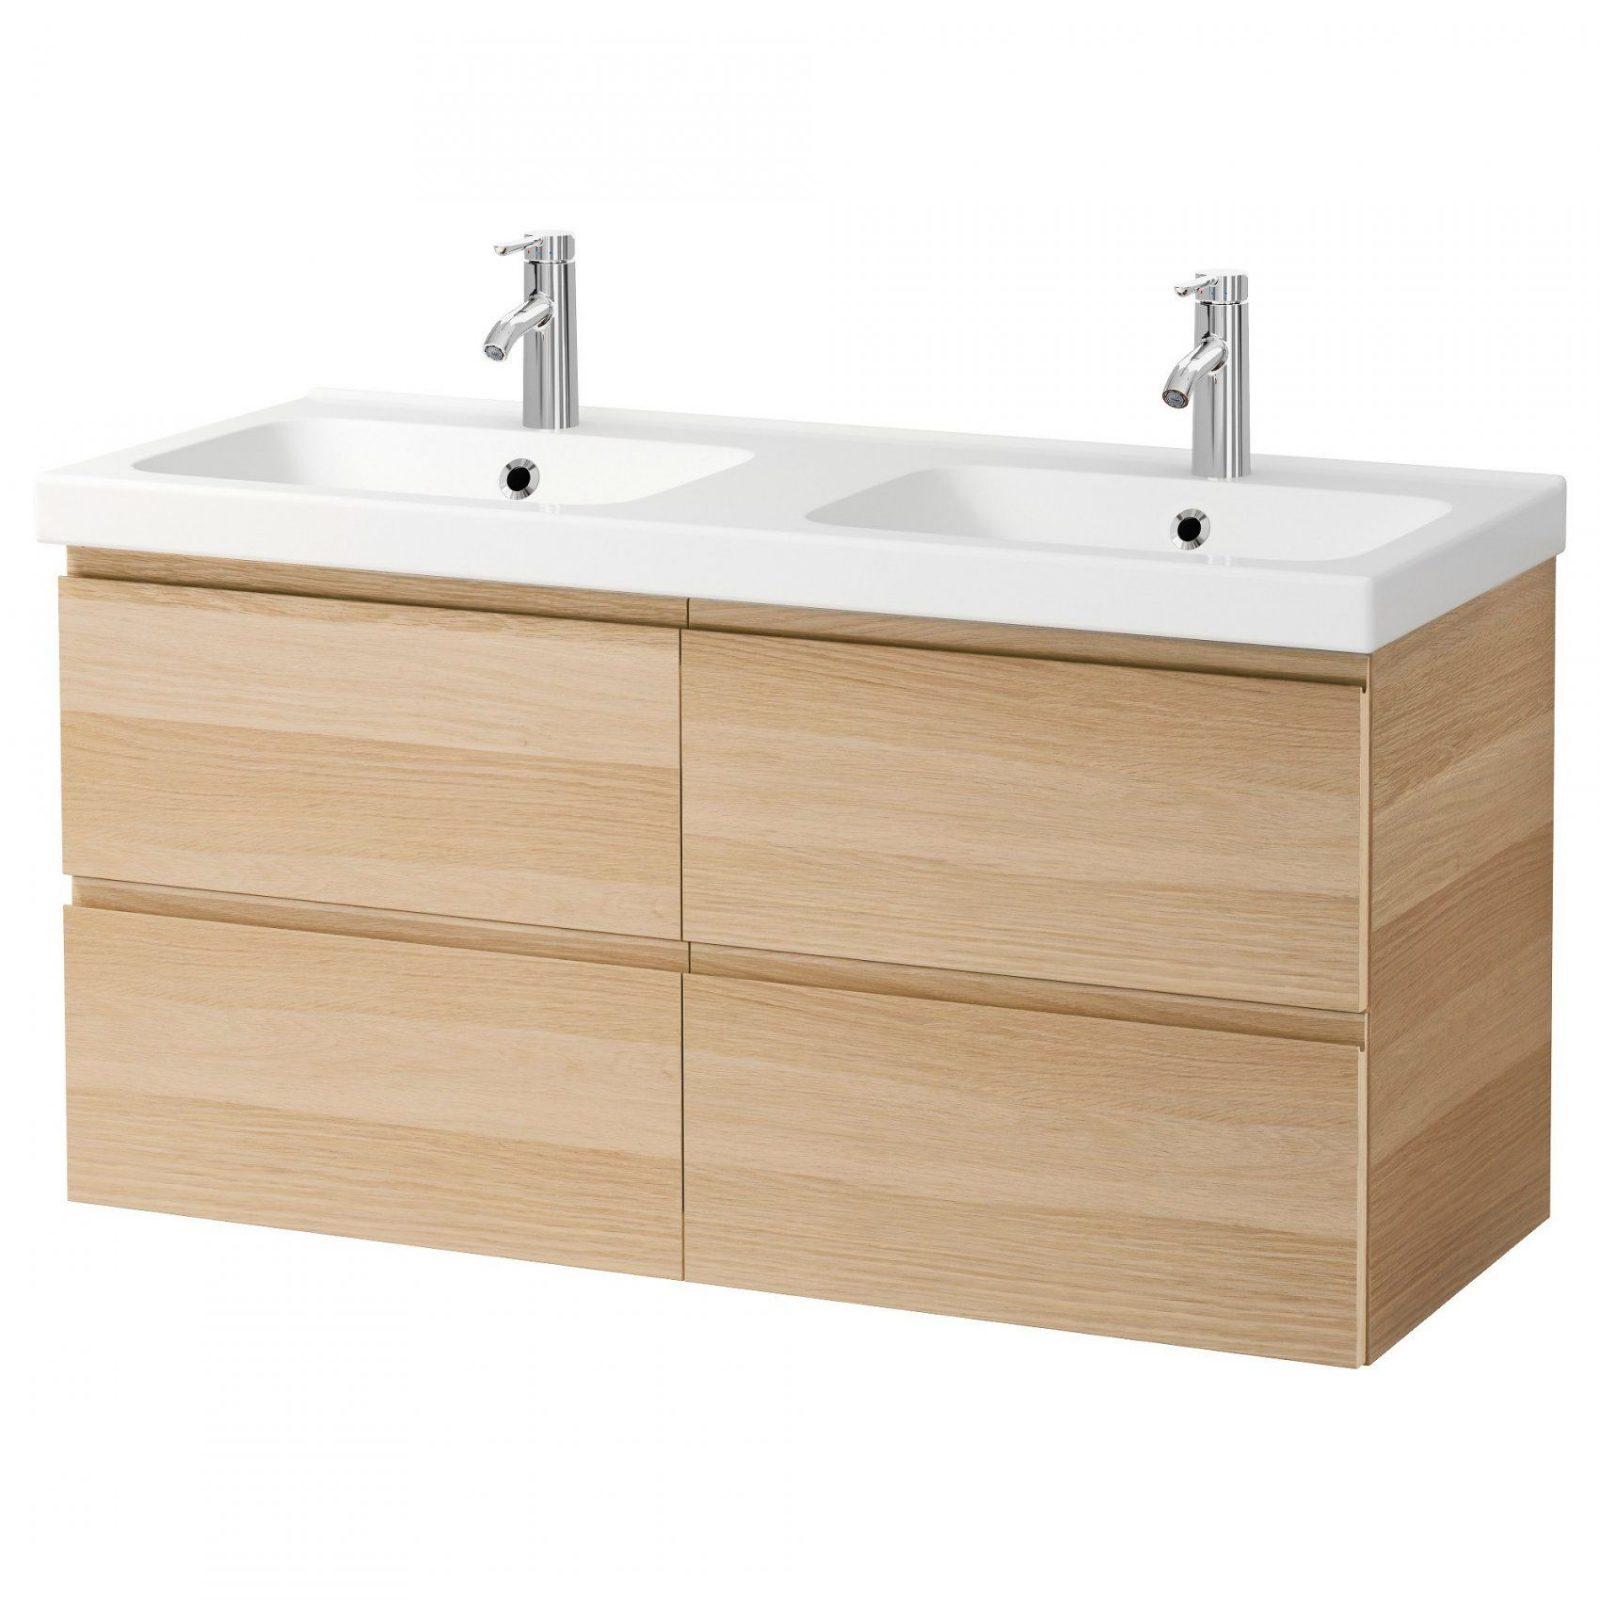 Ikea Waschbecken Mit Unterschrank 100 Waschbecken Bad Mit